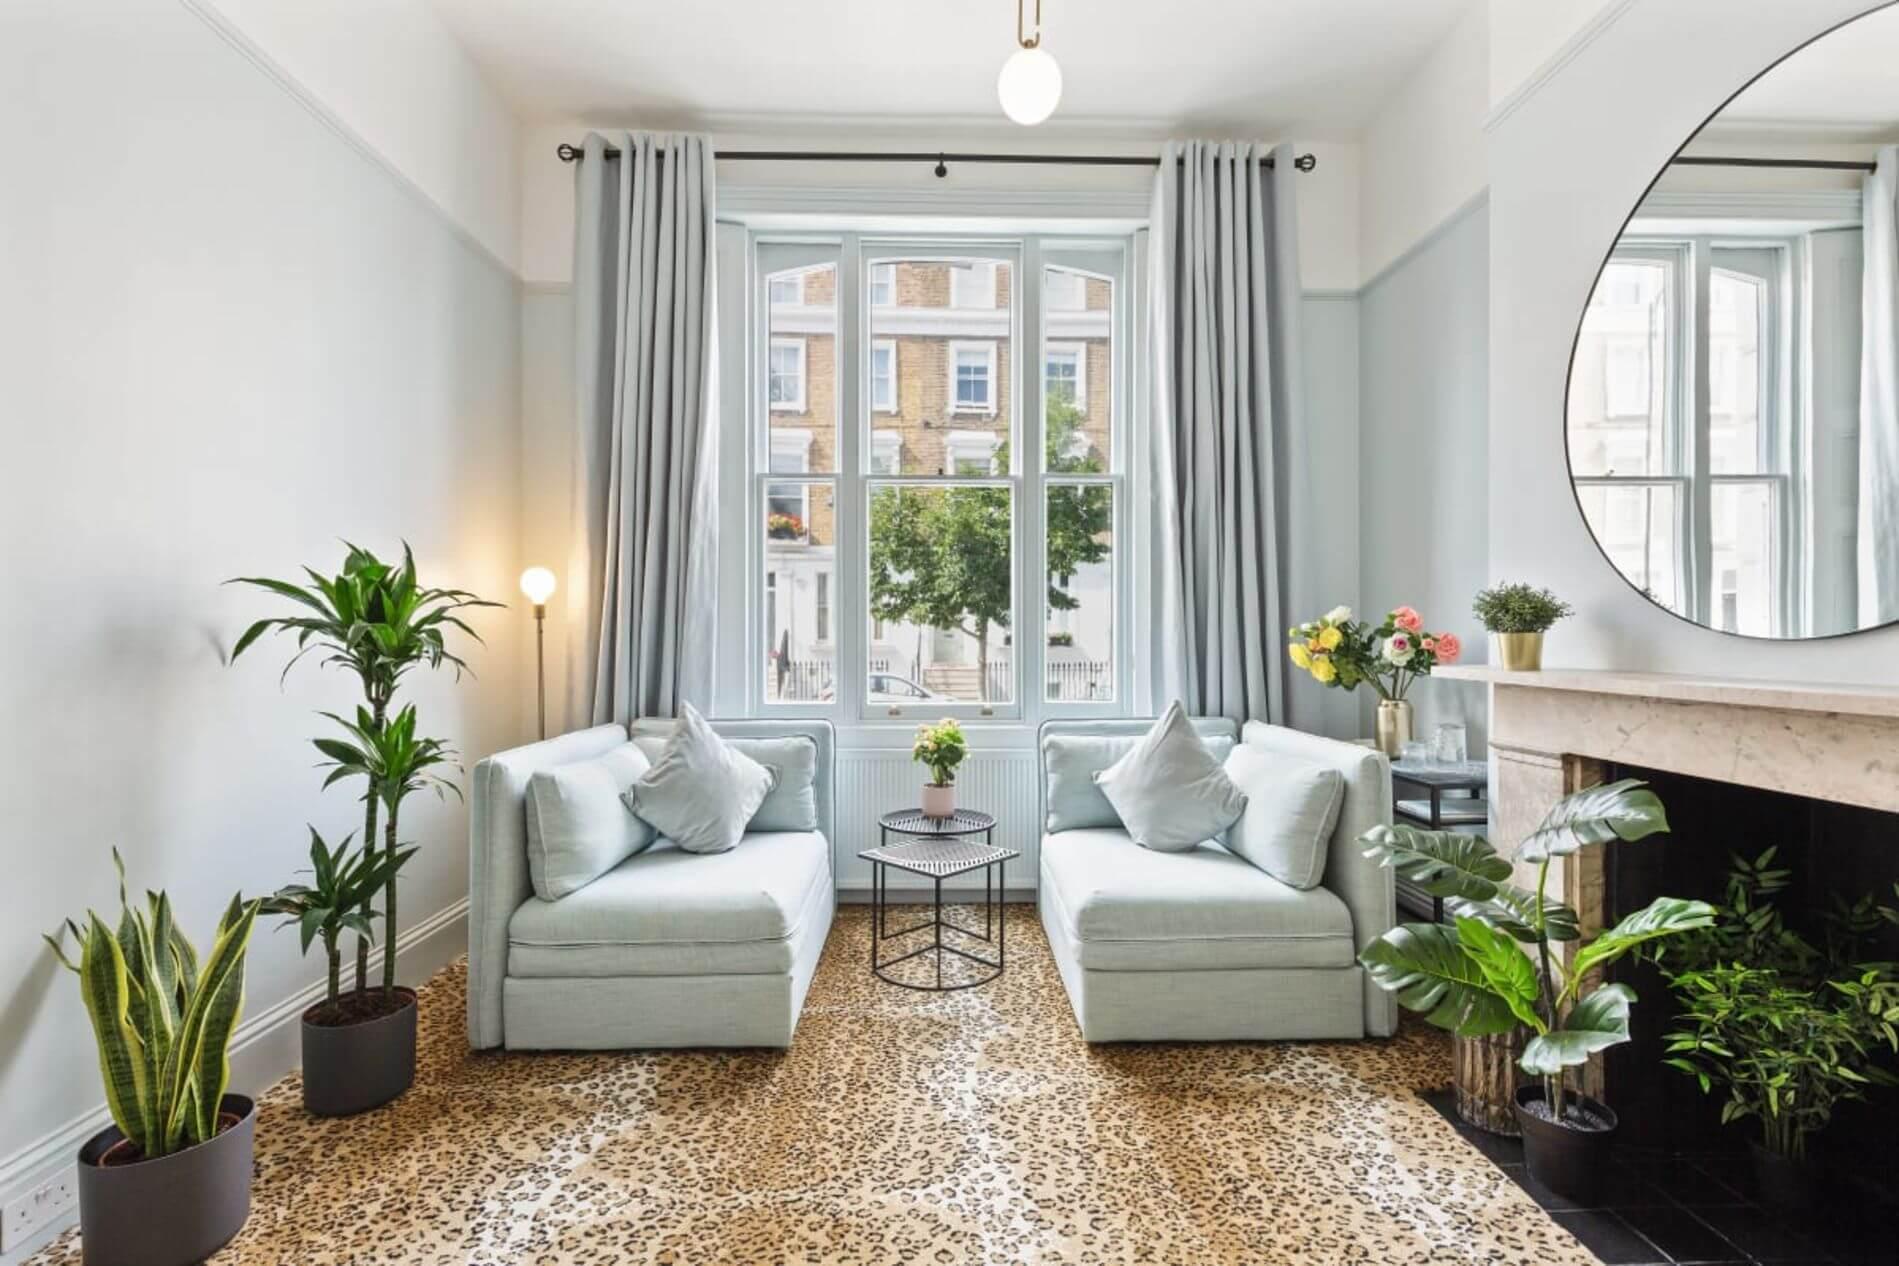 Luxury flat rental in London